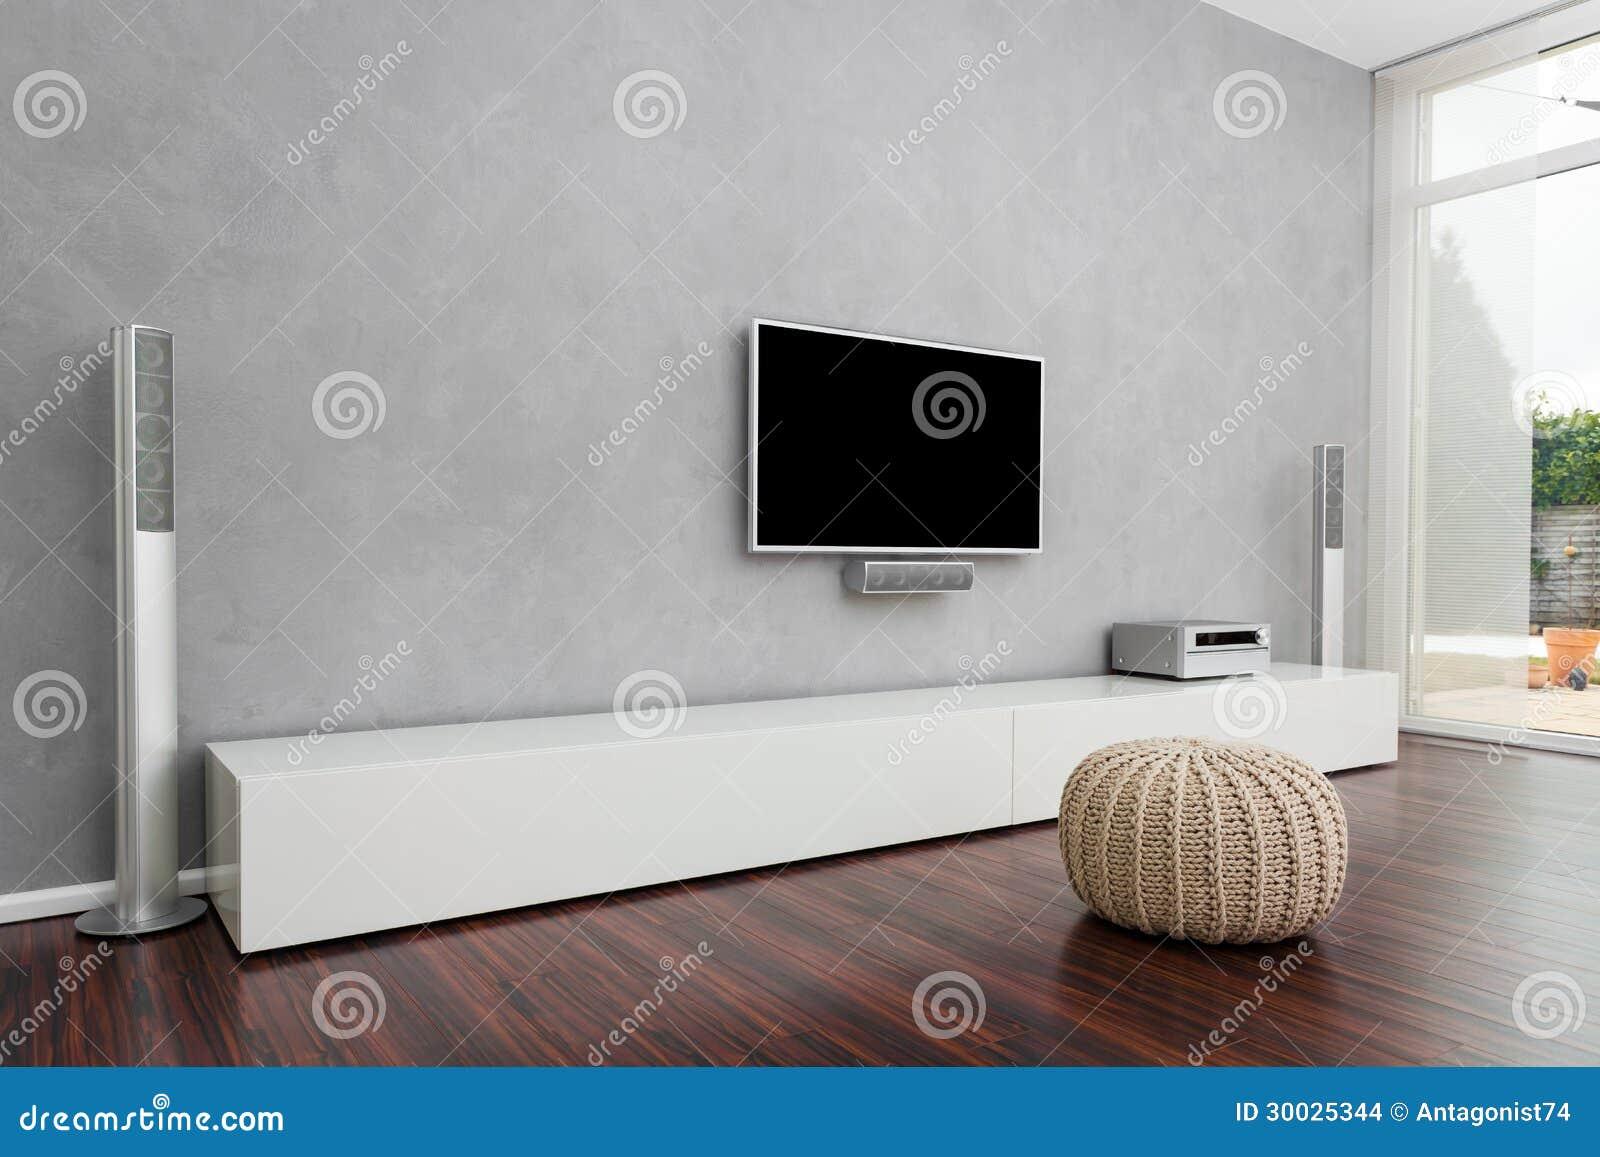 Fotos De Sala De Estar Con Tv ~ Sala De Estar Moderna Con La TV Imagenes de archivo  Imagen 30025344